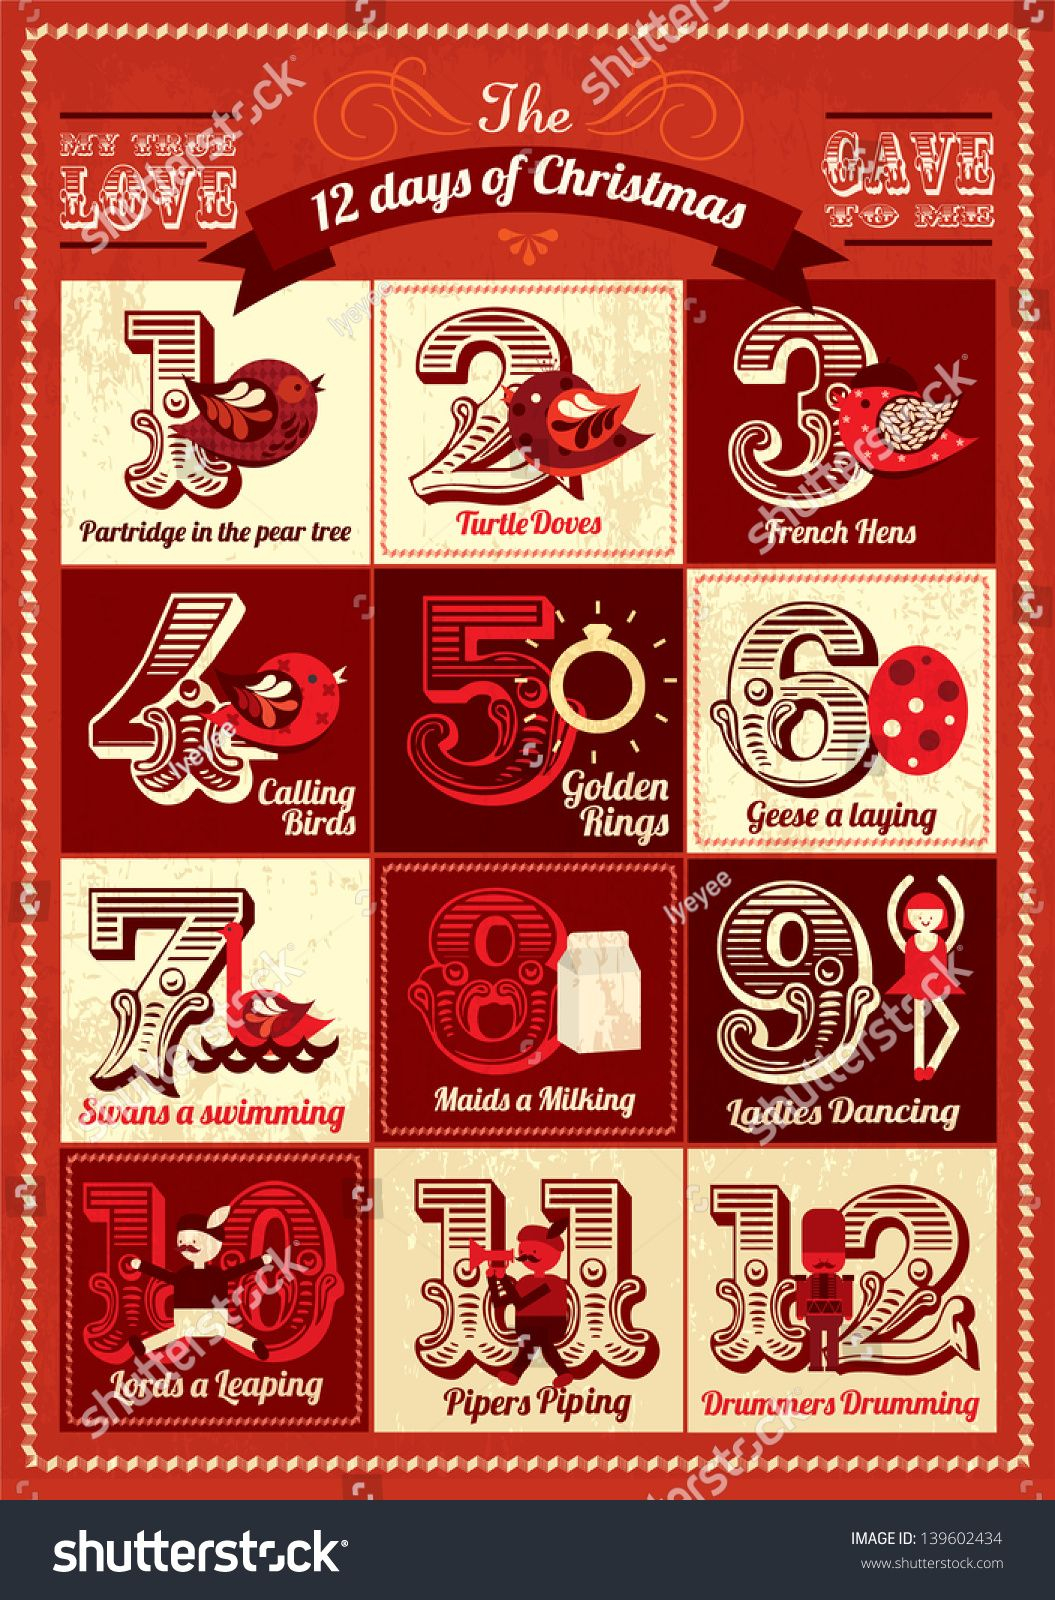 Vintage Twelve Days Of Christmas Calendar Template Vector Inside 12 Days Of Christmas Calendar